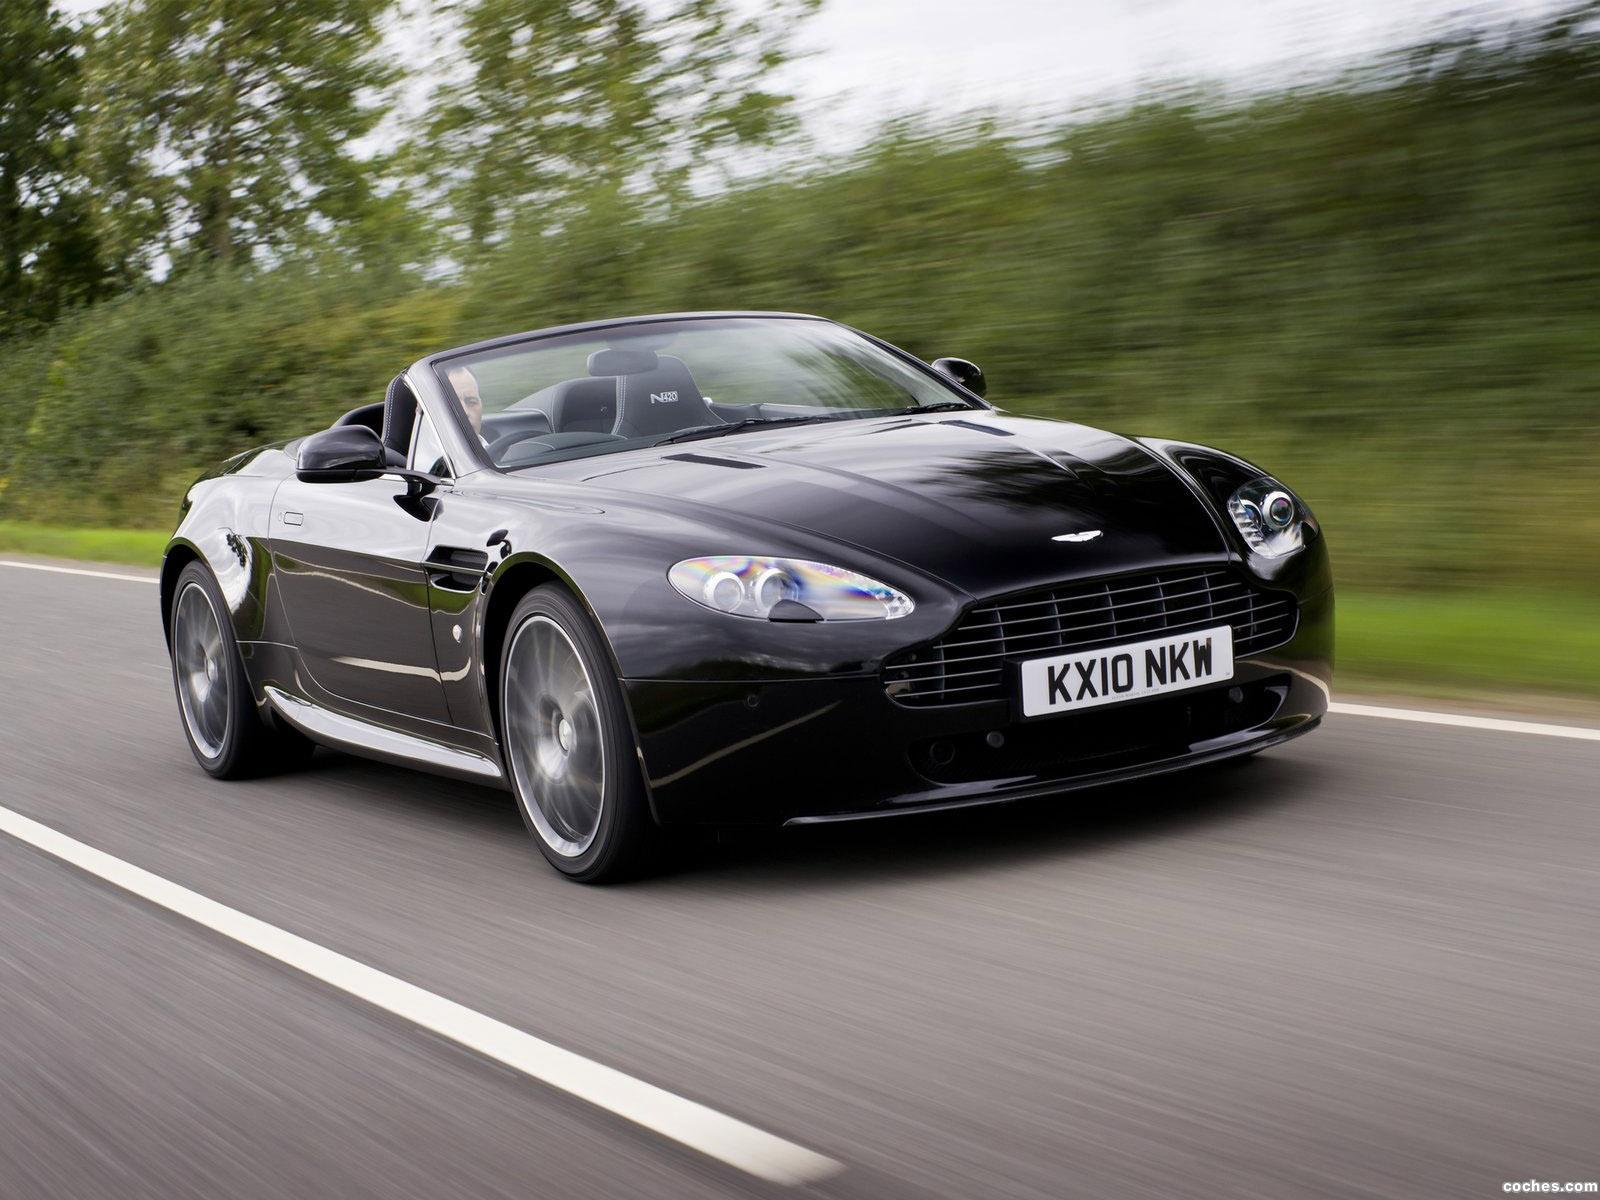 Foto 0 de Aston Martin Vantage V8 N420 Roadster UK 2010